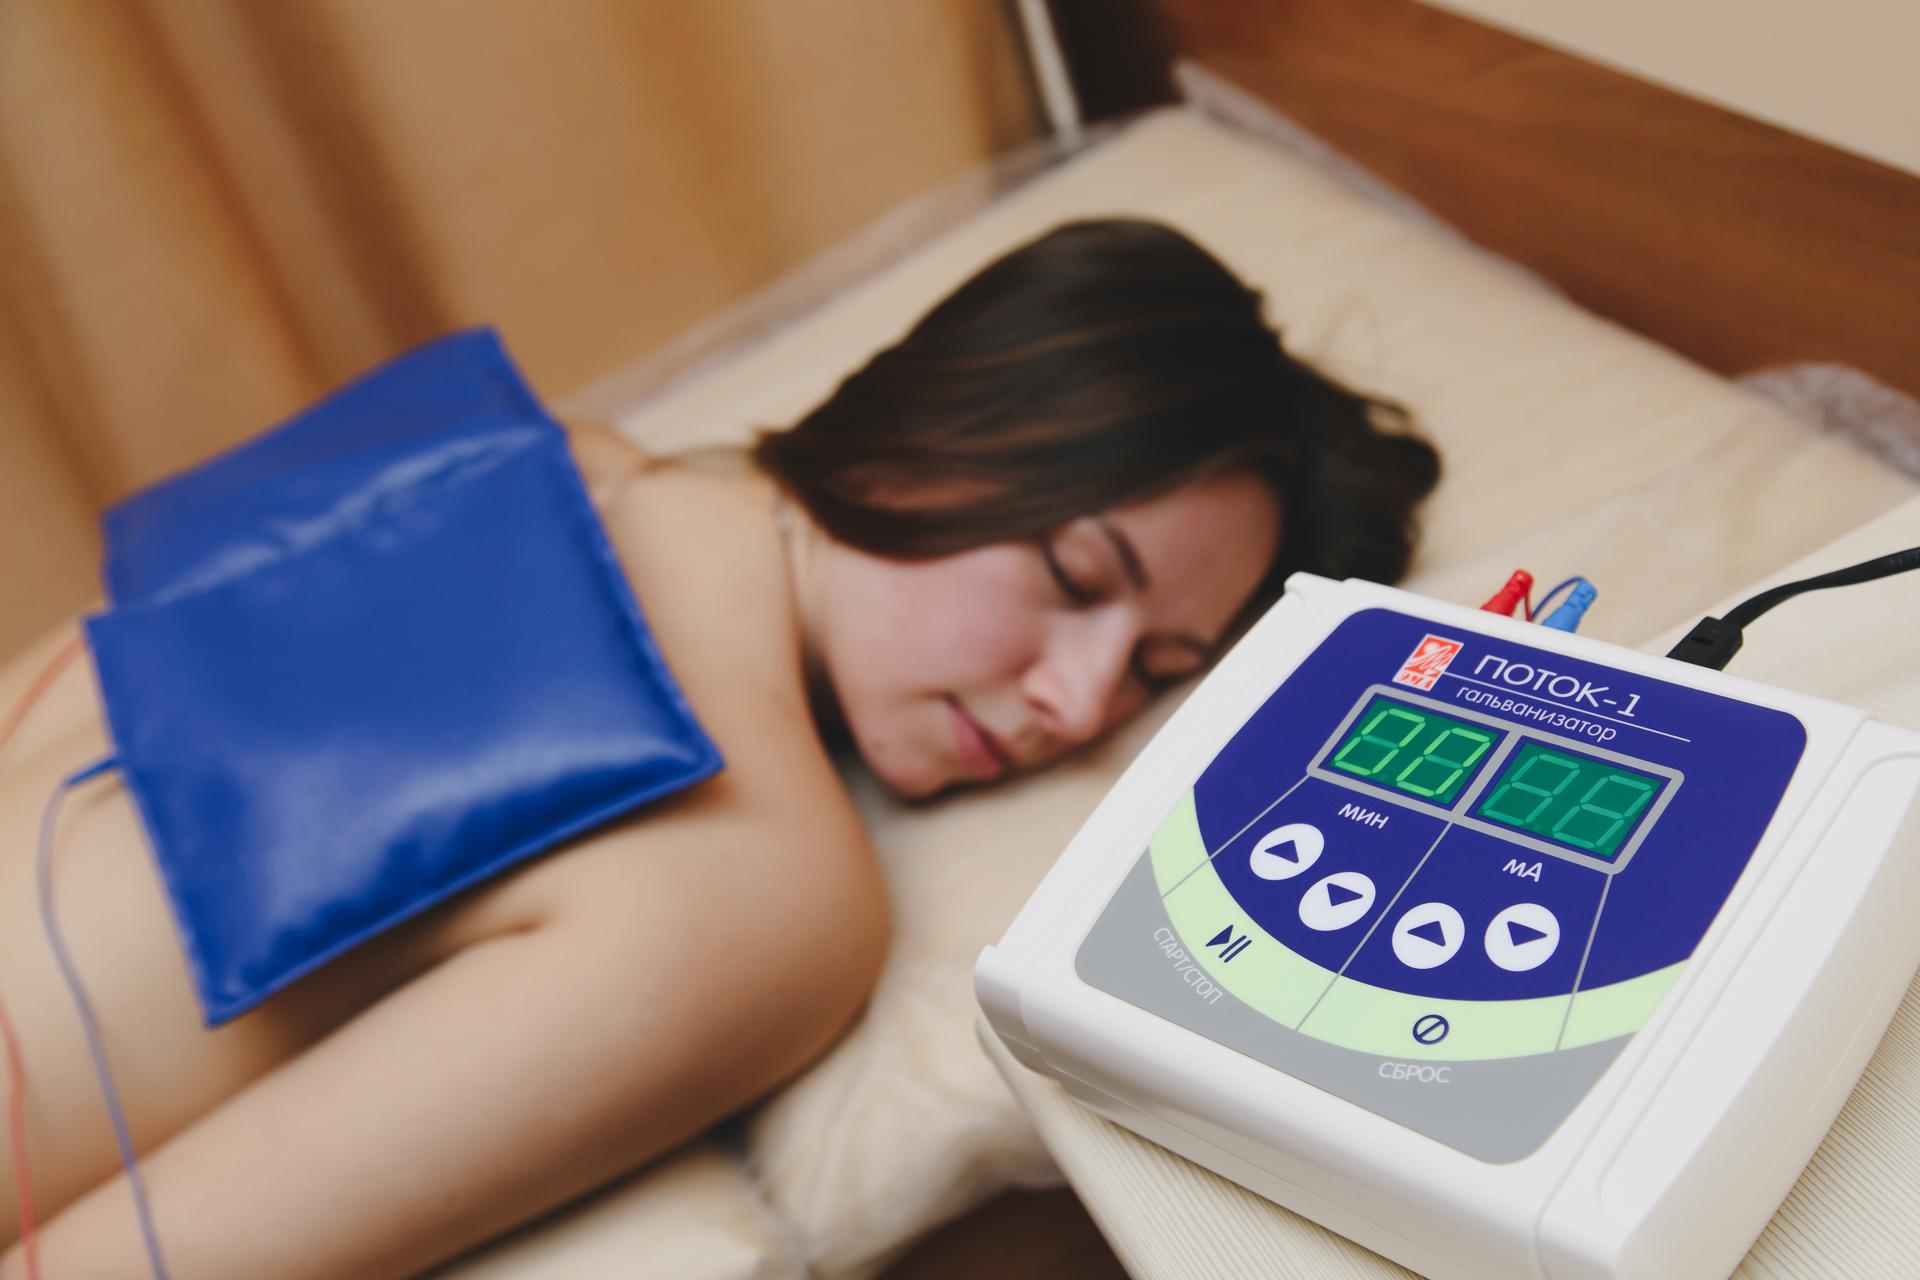 Реабилитационное физиолечение включает фонофорез,электрофорез, магнитотерапию, лазеротерапию, УФ-терапию